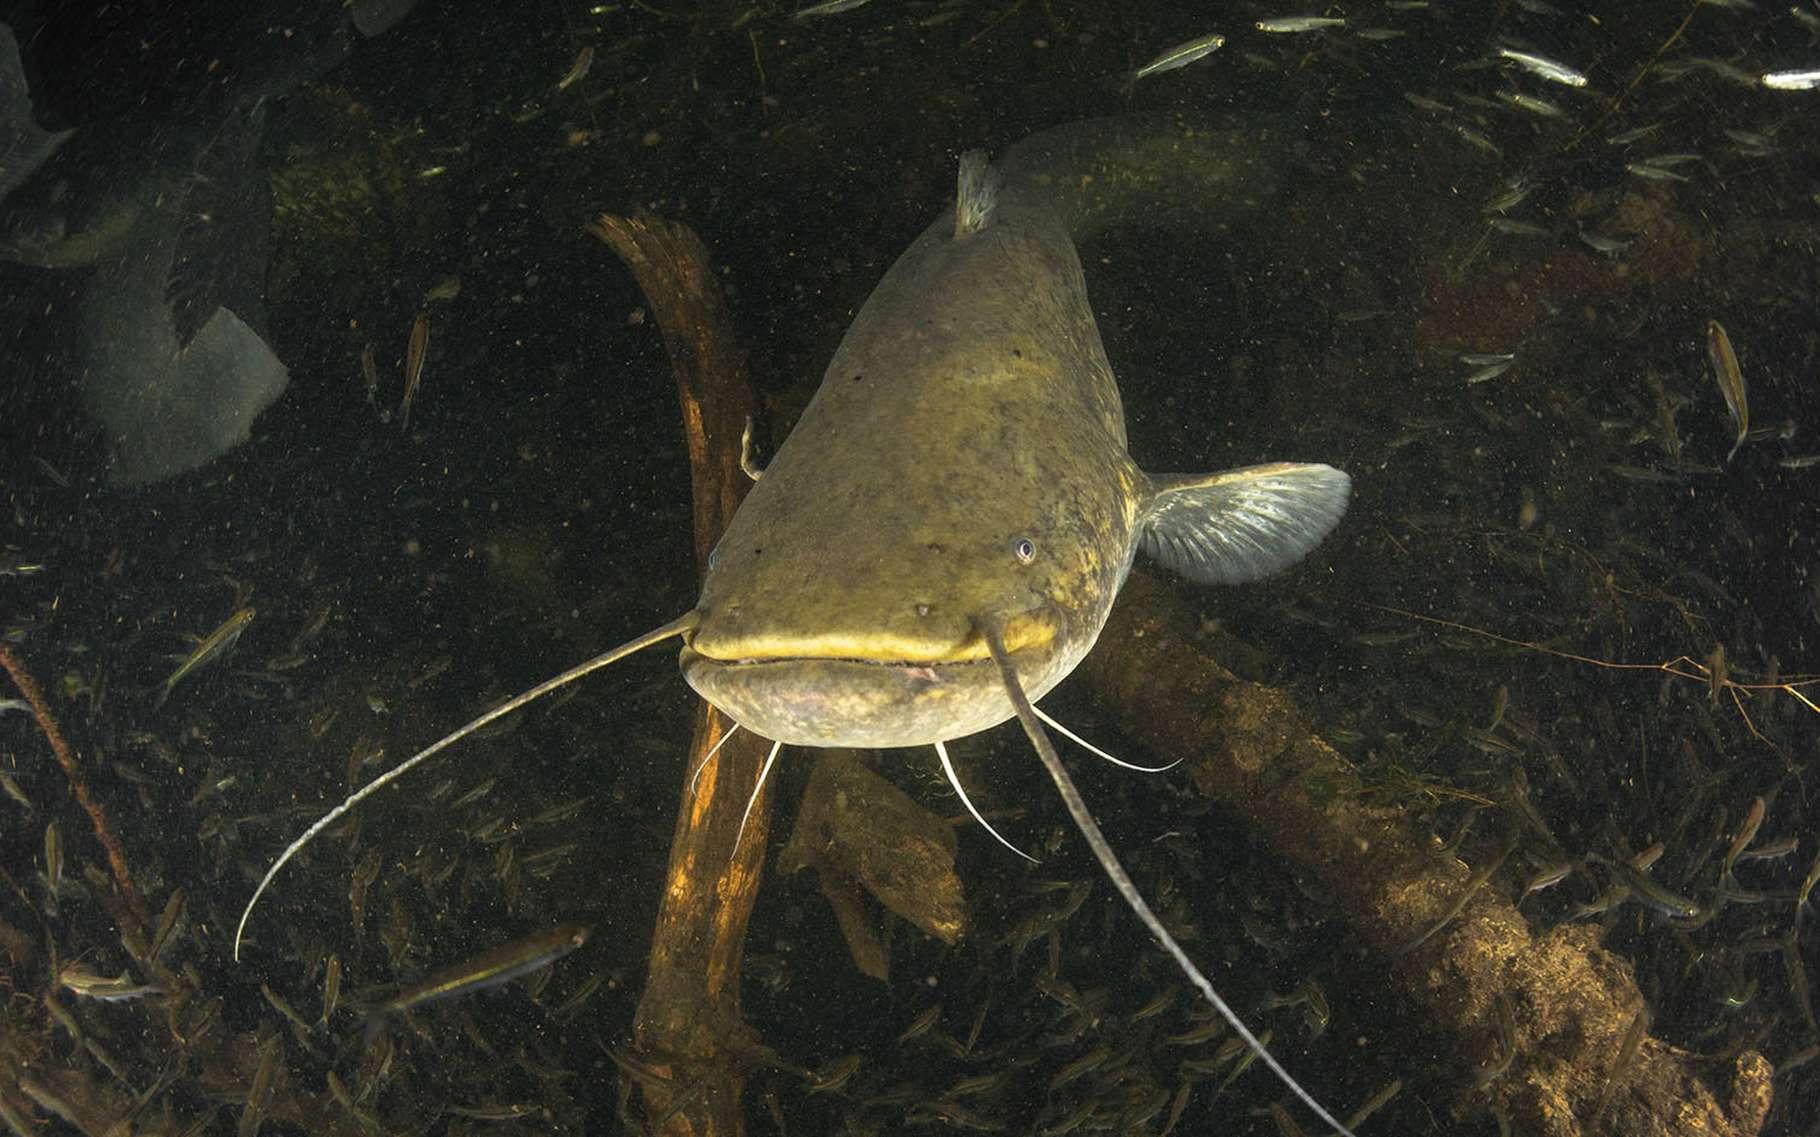 Le silure se distingue entre autres du poisson-chat par une paire de moustaches en moins et par sa taille bien supérieure. Le record actuel est de 2,74 mètres pour un silure capturé dans le Tarn en 2017. © Rémi Masson, tous droits réservés